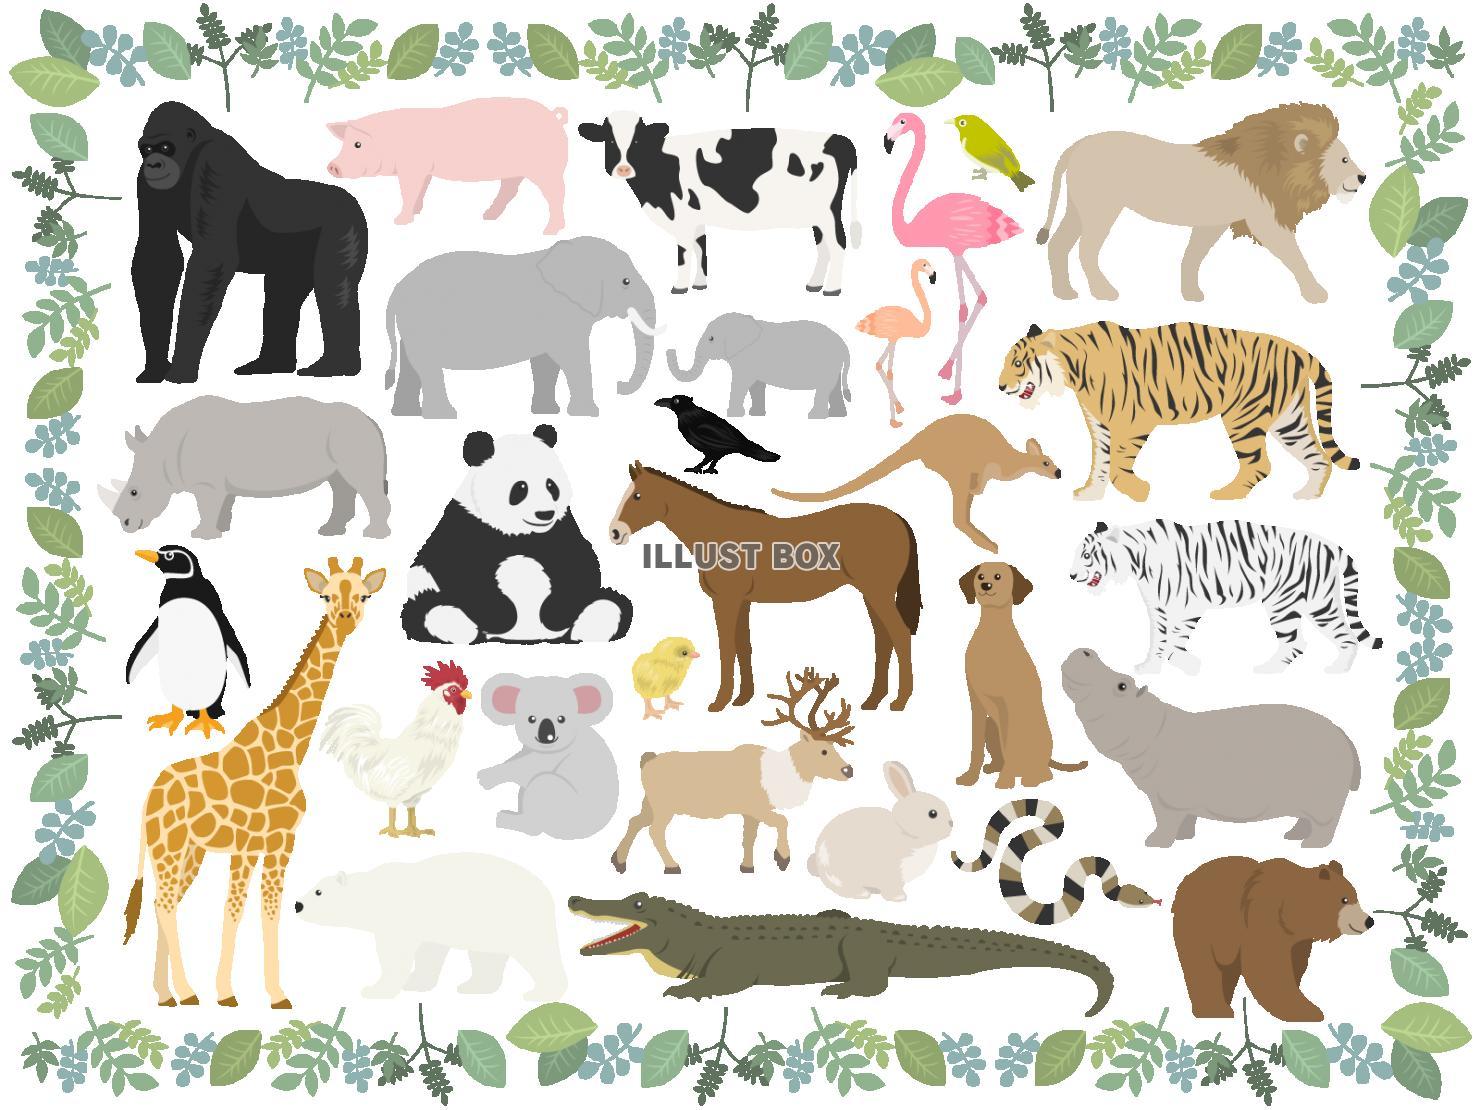 無料イラスト 動物のイラストセット